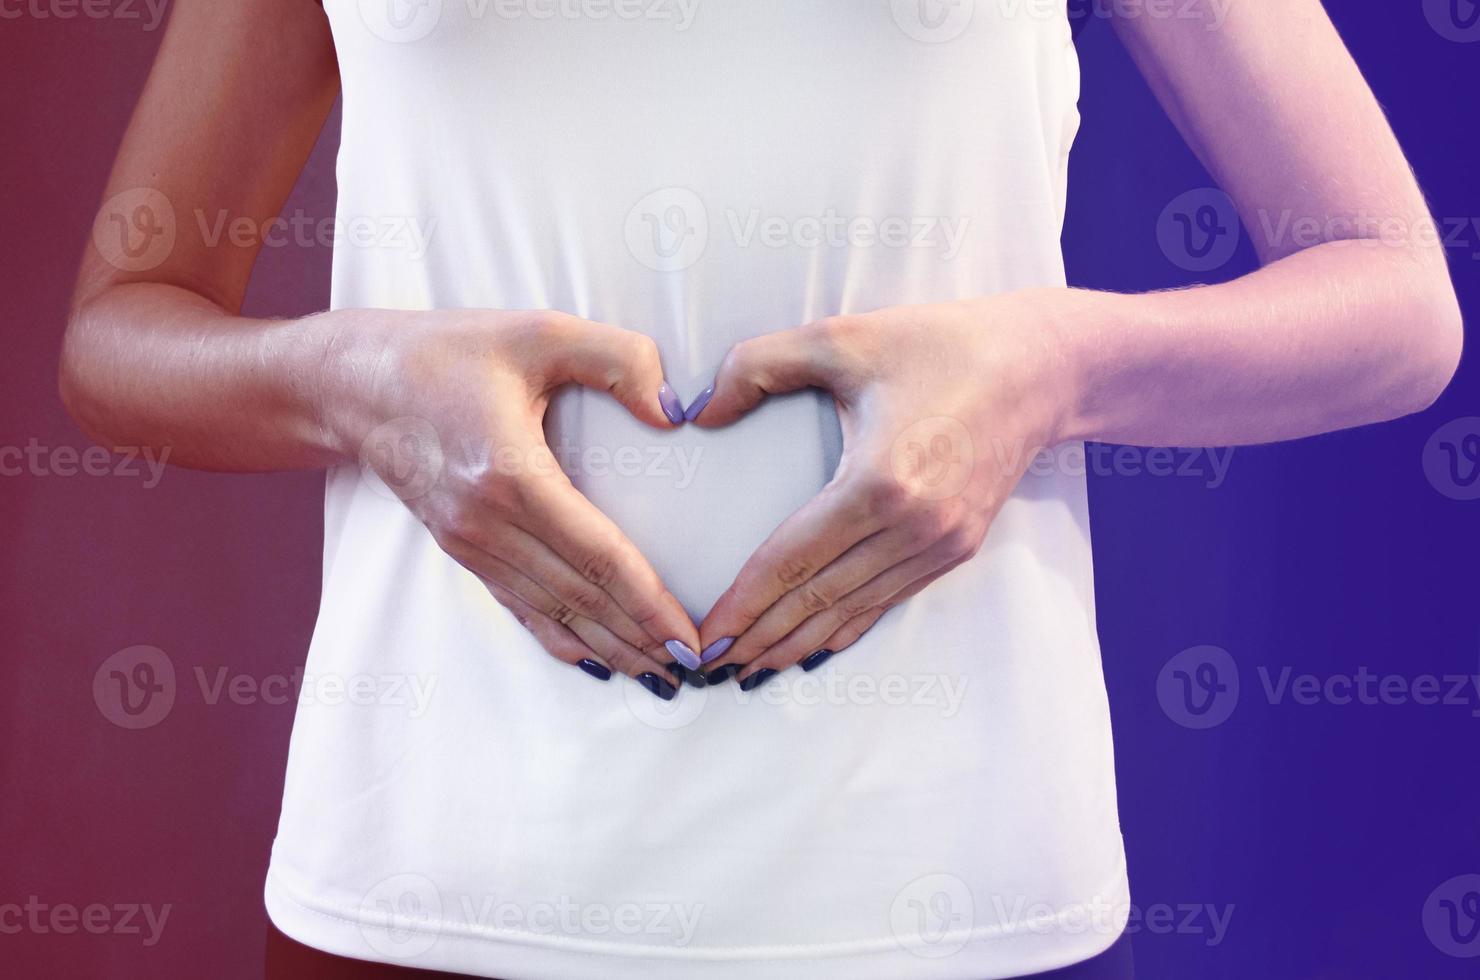 cuidado de la salud. salud de intestinos, estómago. foto